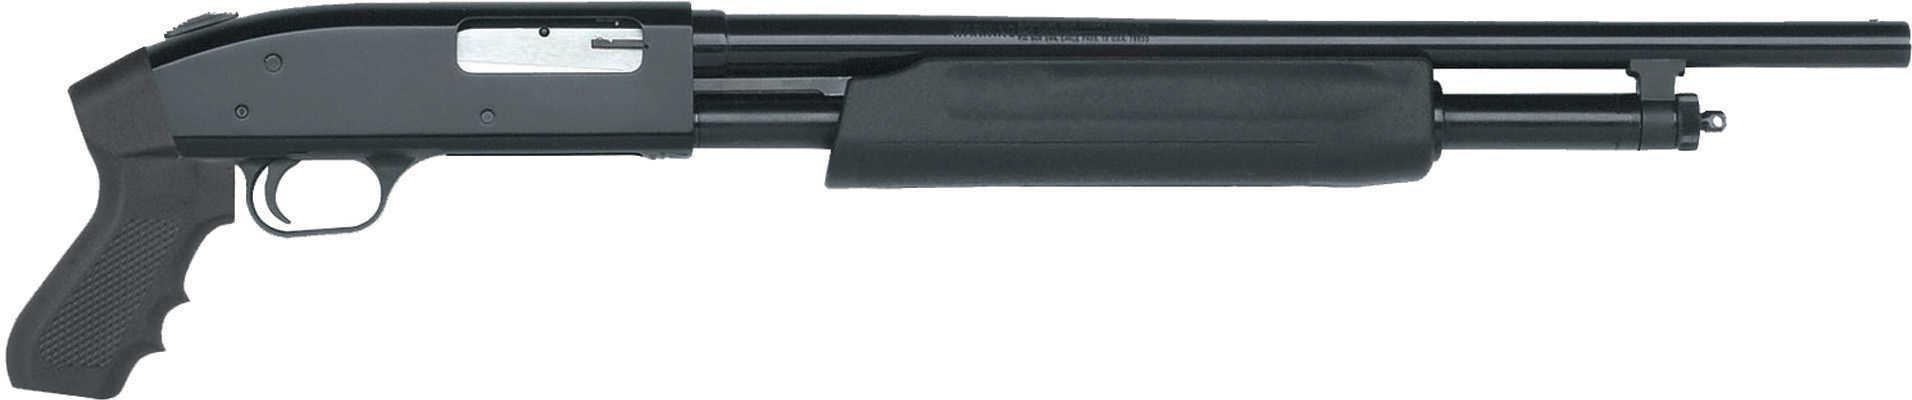 """Mossberg 500 Cruiser 20 Gauge 18.5"""" Barrel 3"""" Chamber Shotgun 50450"""